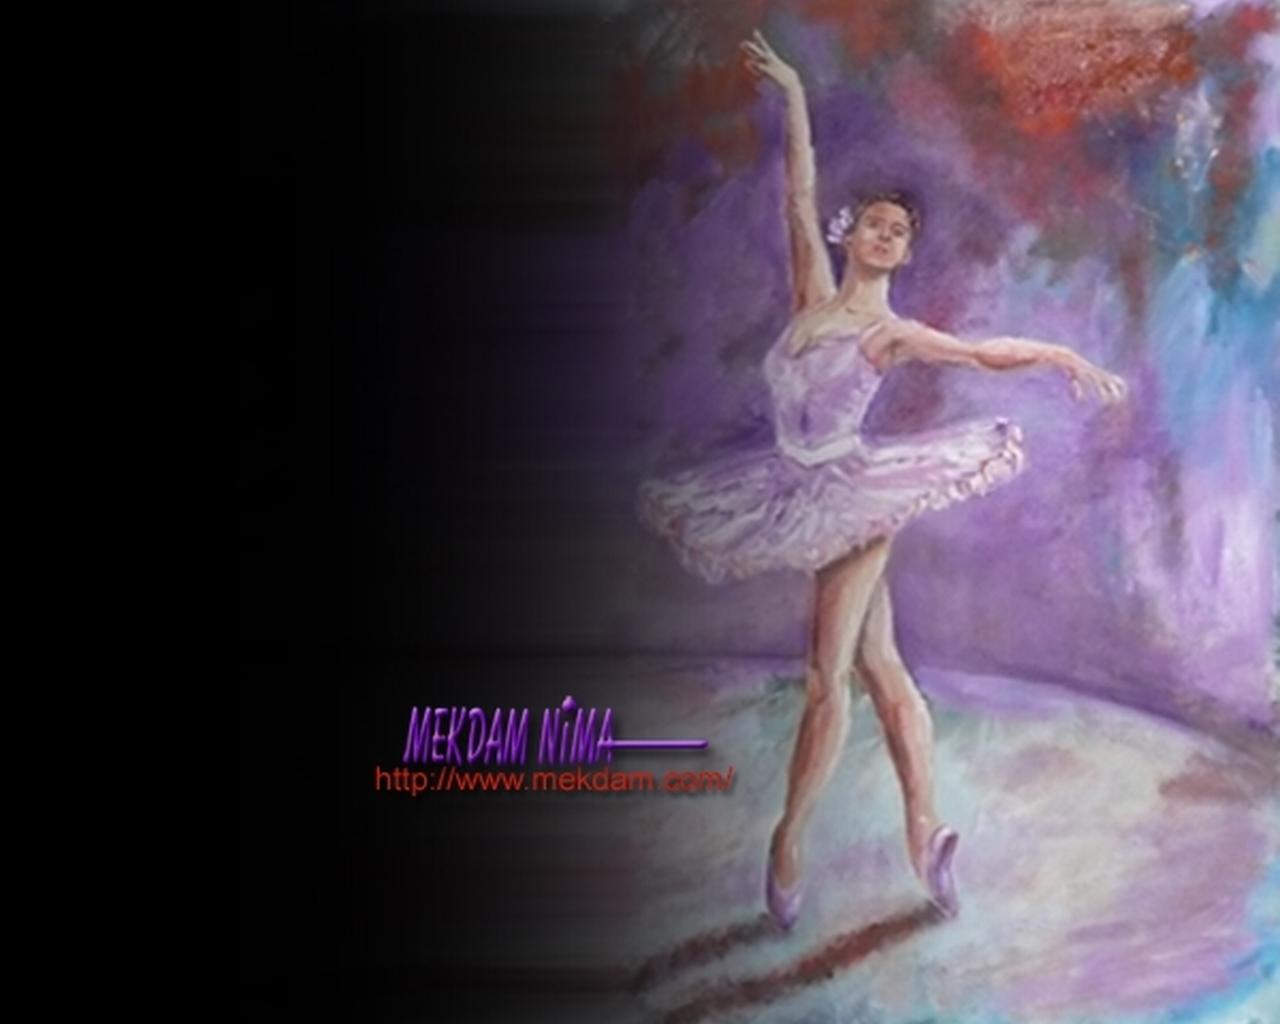 the ballerina by mekdam nima desktop wallpaper